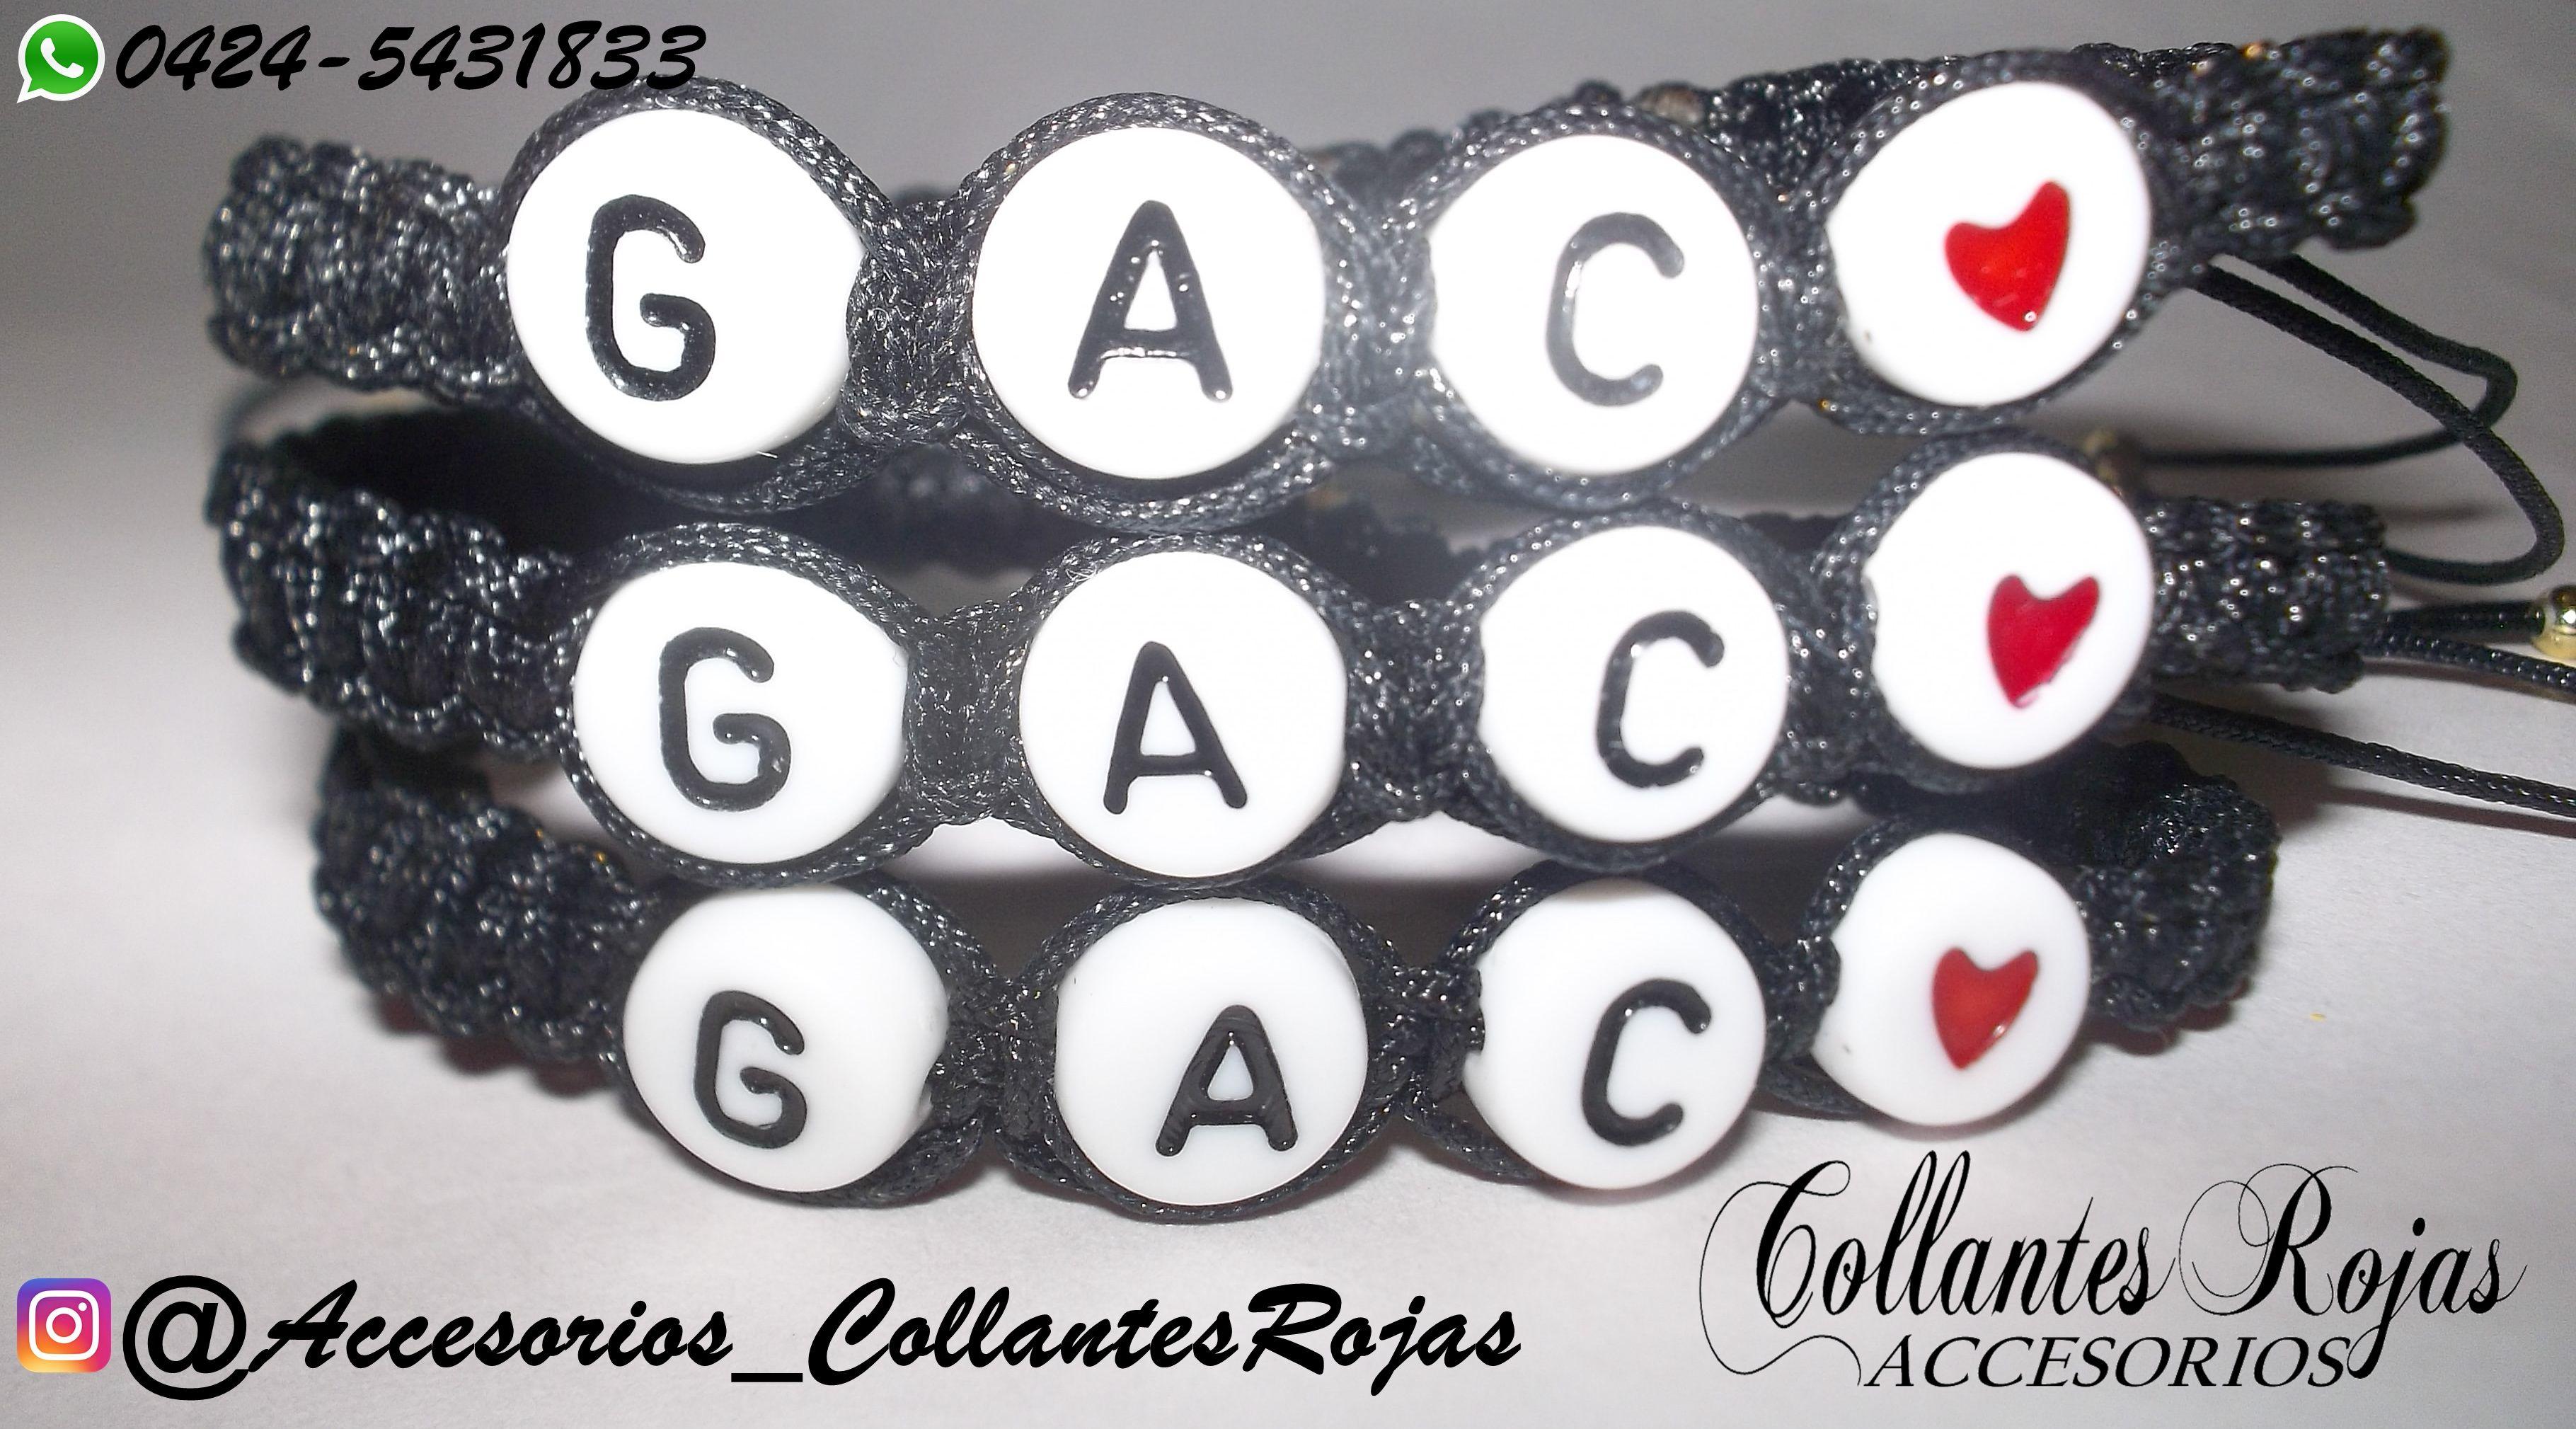 5f6452bb2606 Instagram   Accesorios CollantesRojas Whatsapp  +584245431833 Pulseras  tejidas  pulseras  accesorios  bisuteria